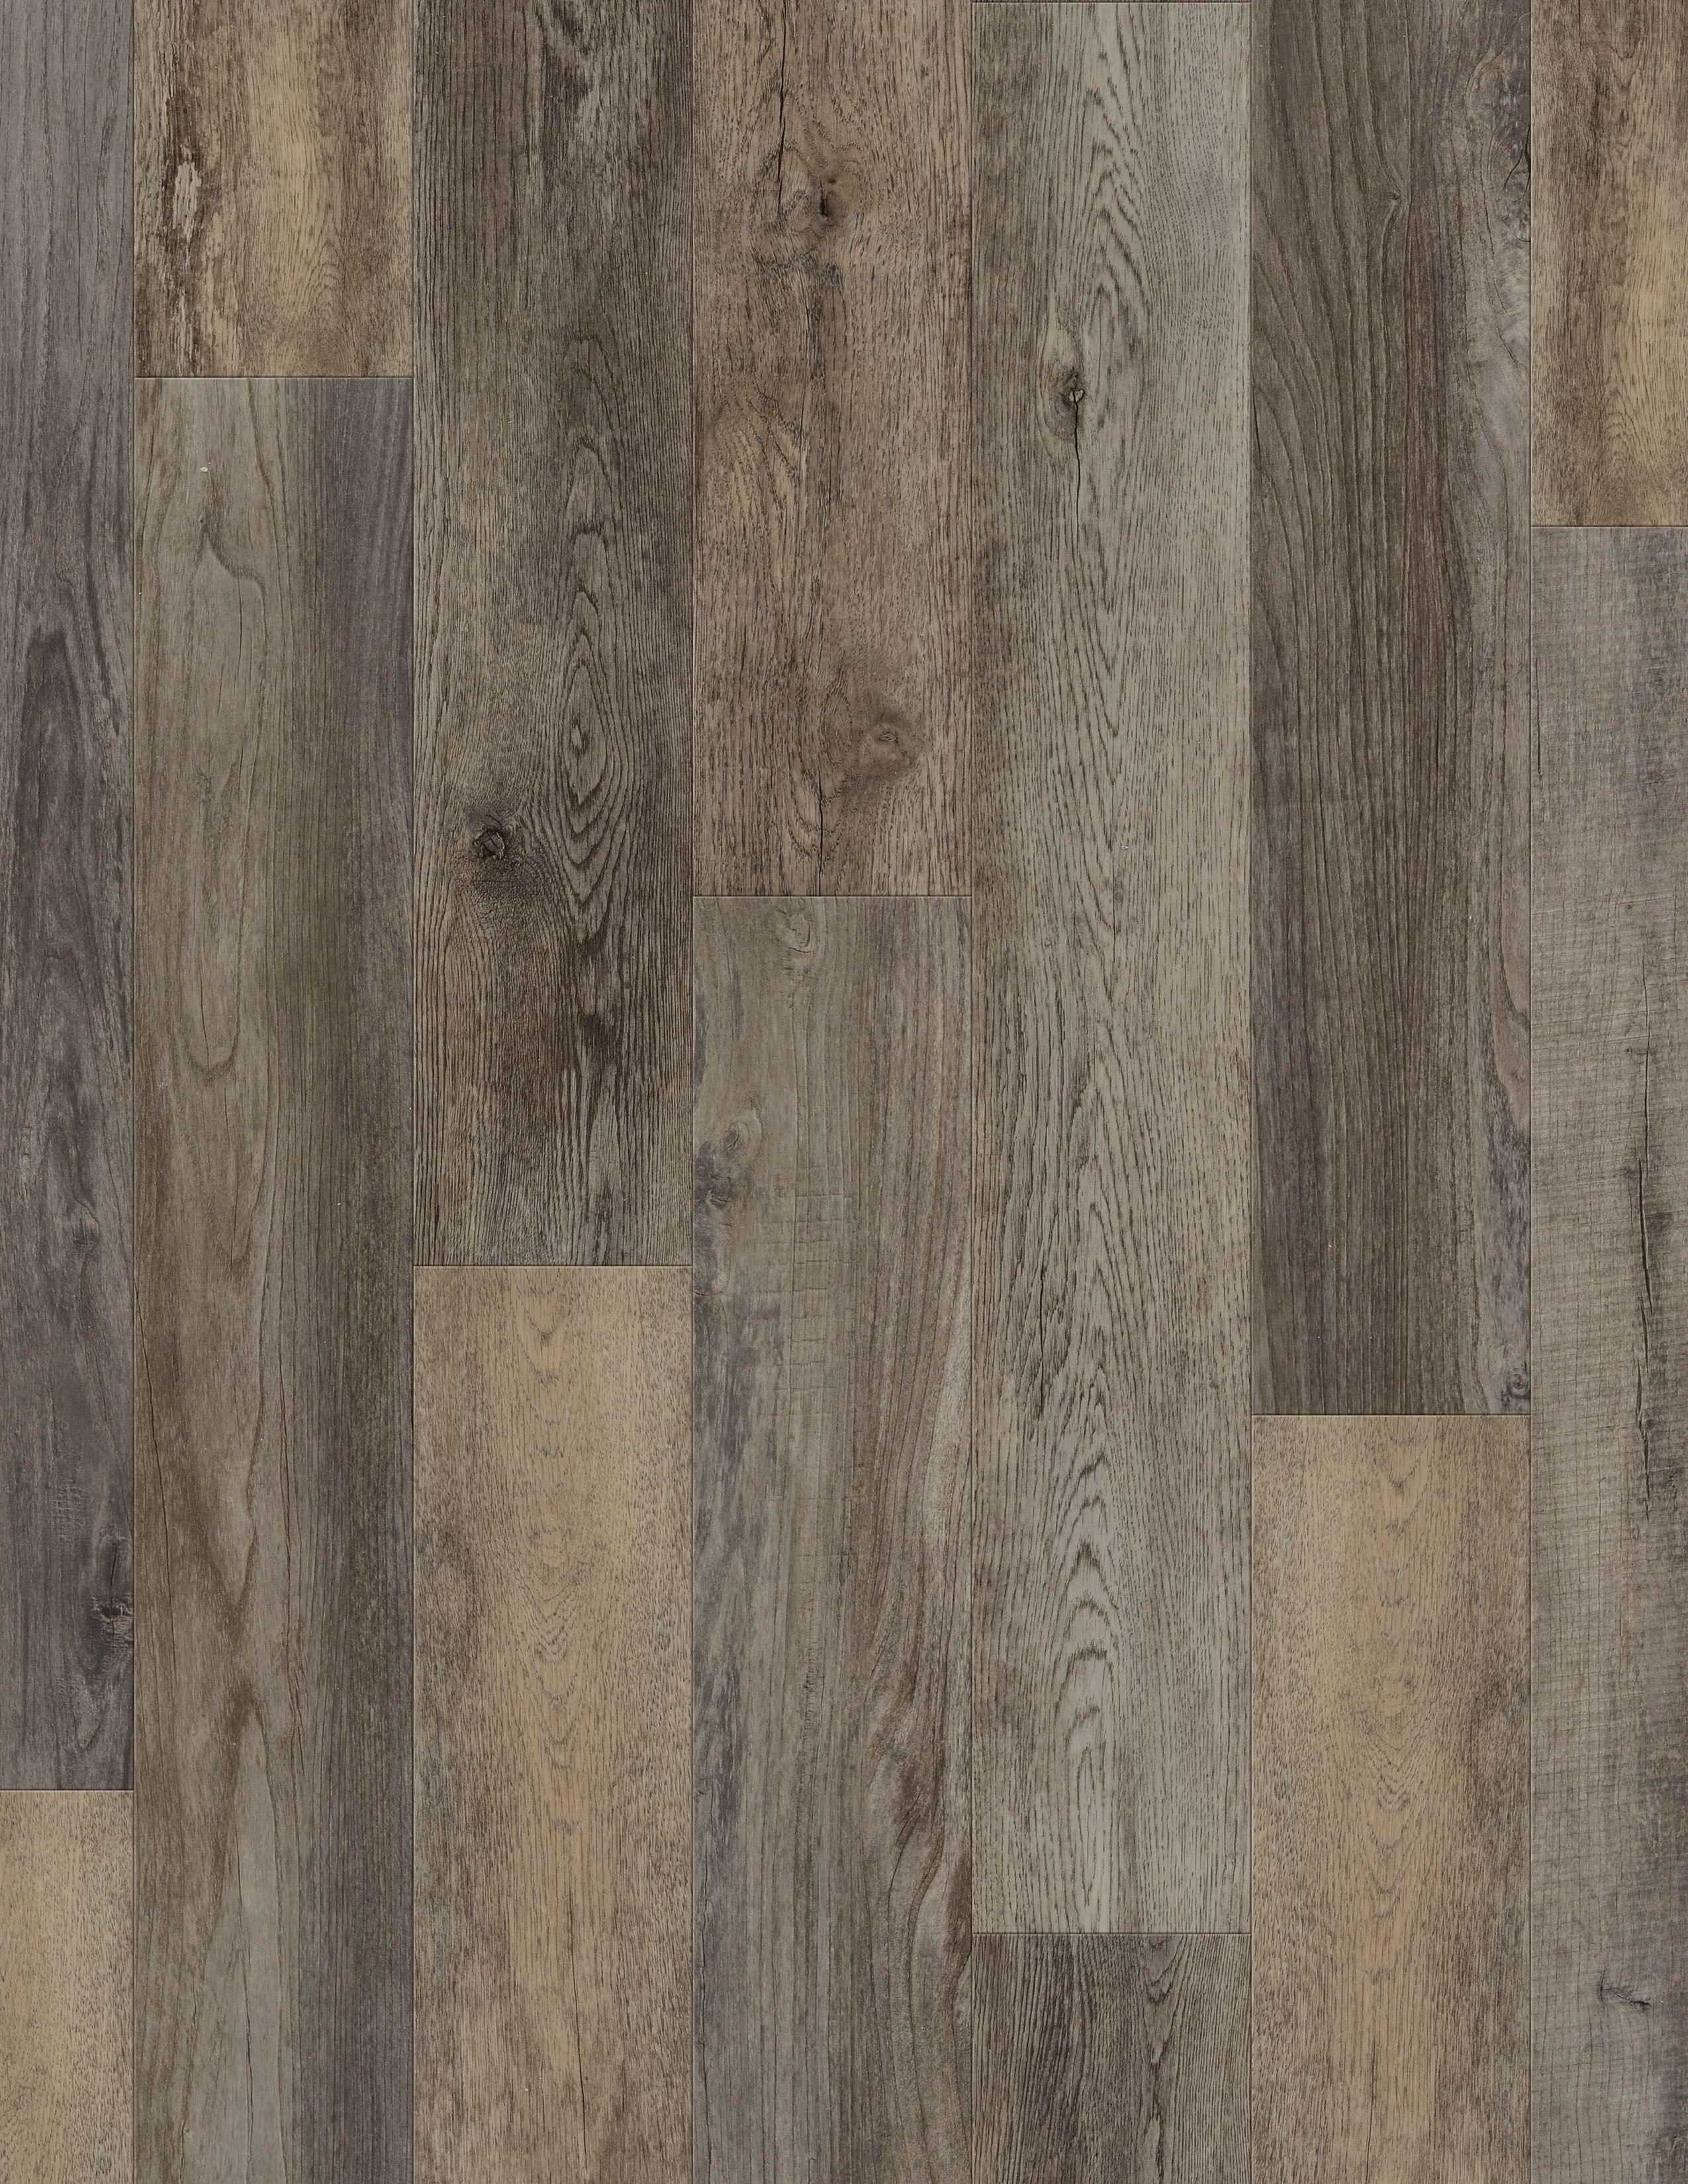 Lvp Herringbone Floors Basement Reveal Office Inspo Kitchen